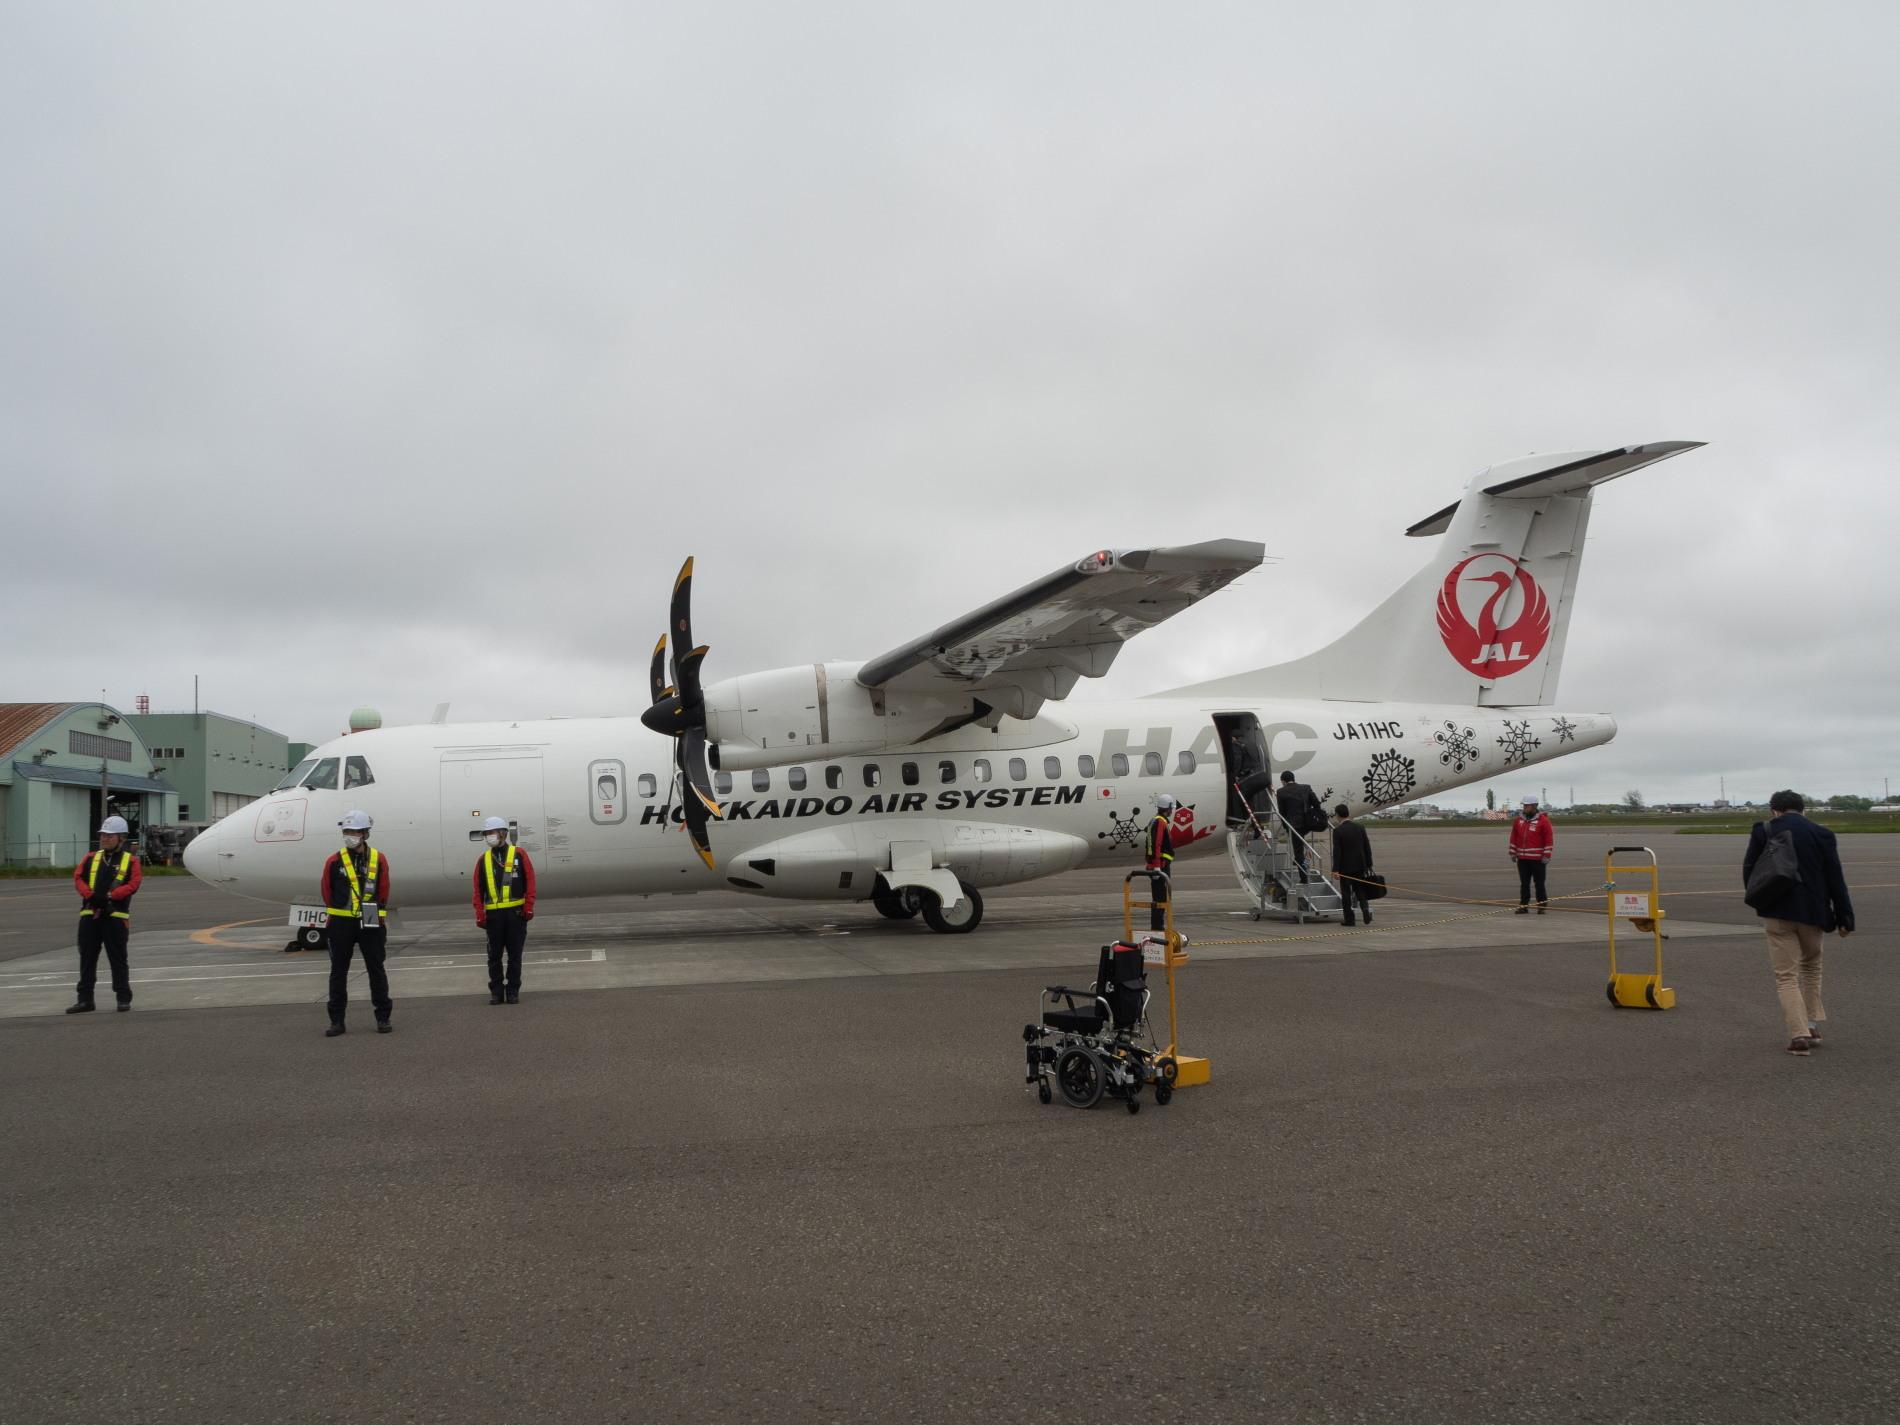 北海道エアシステムの新機材ATR42に乗って・・函館へ(1)_f0276498_13115508.jpg